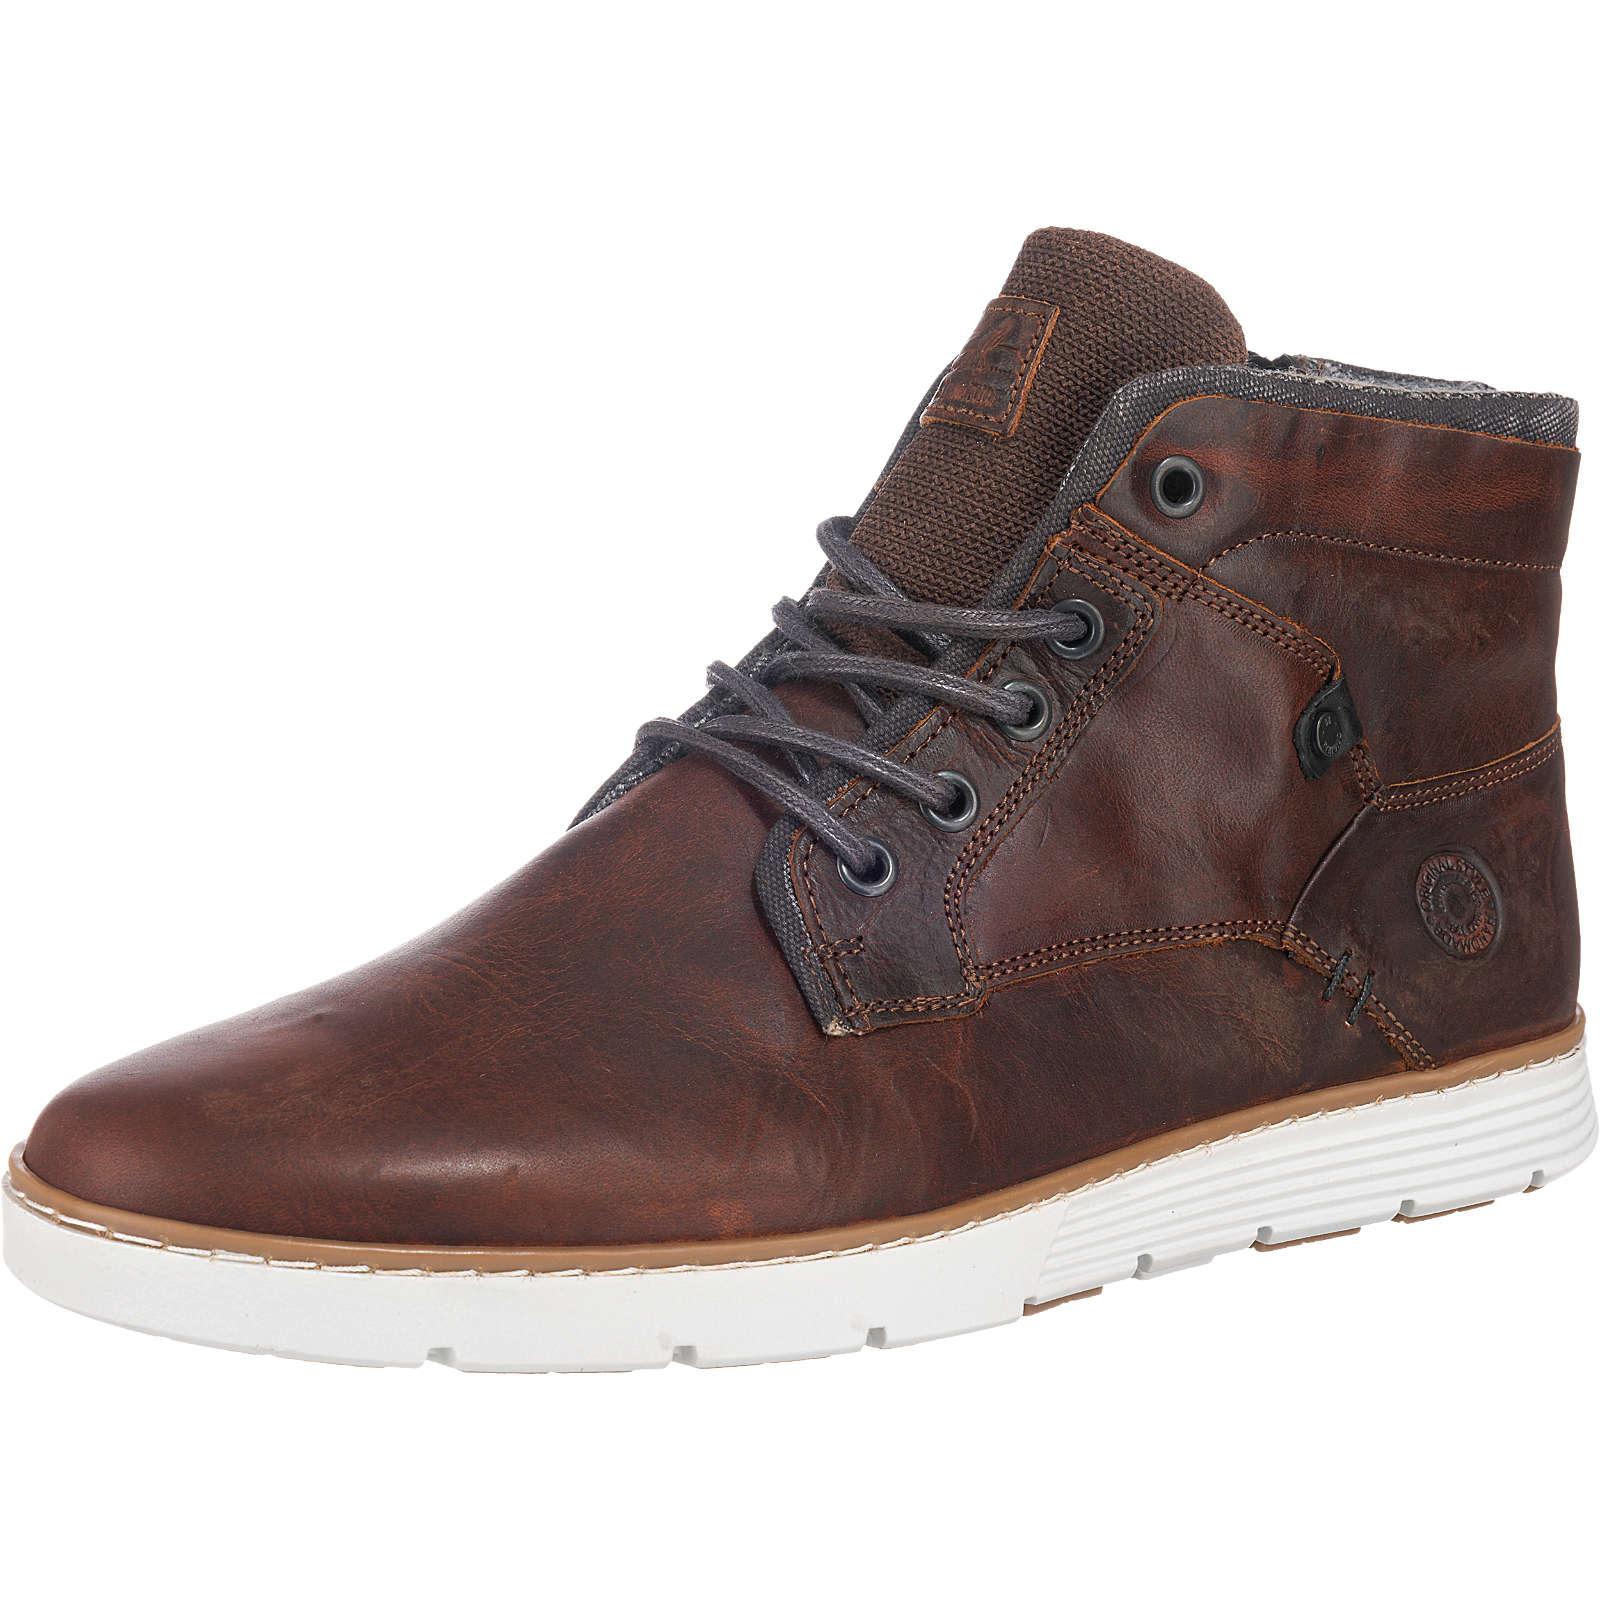 BULLBOXER Sneakers dunkelbraun Herren Gr. 41